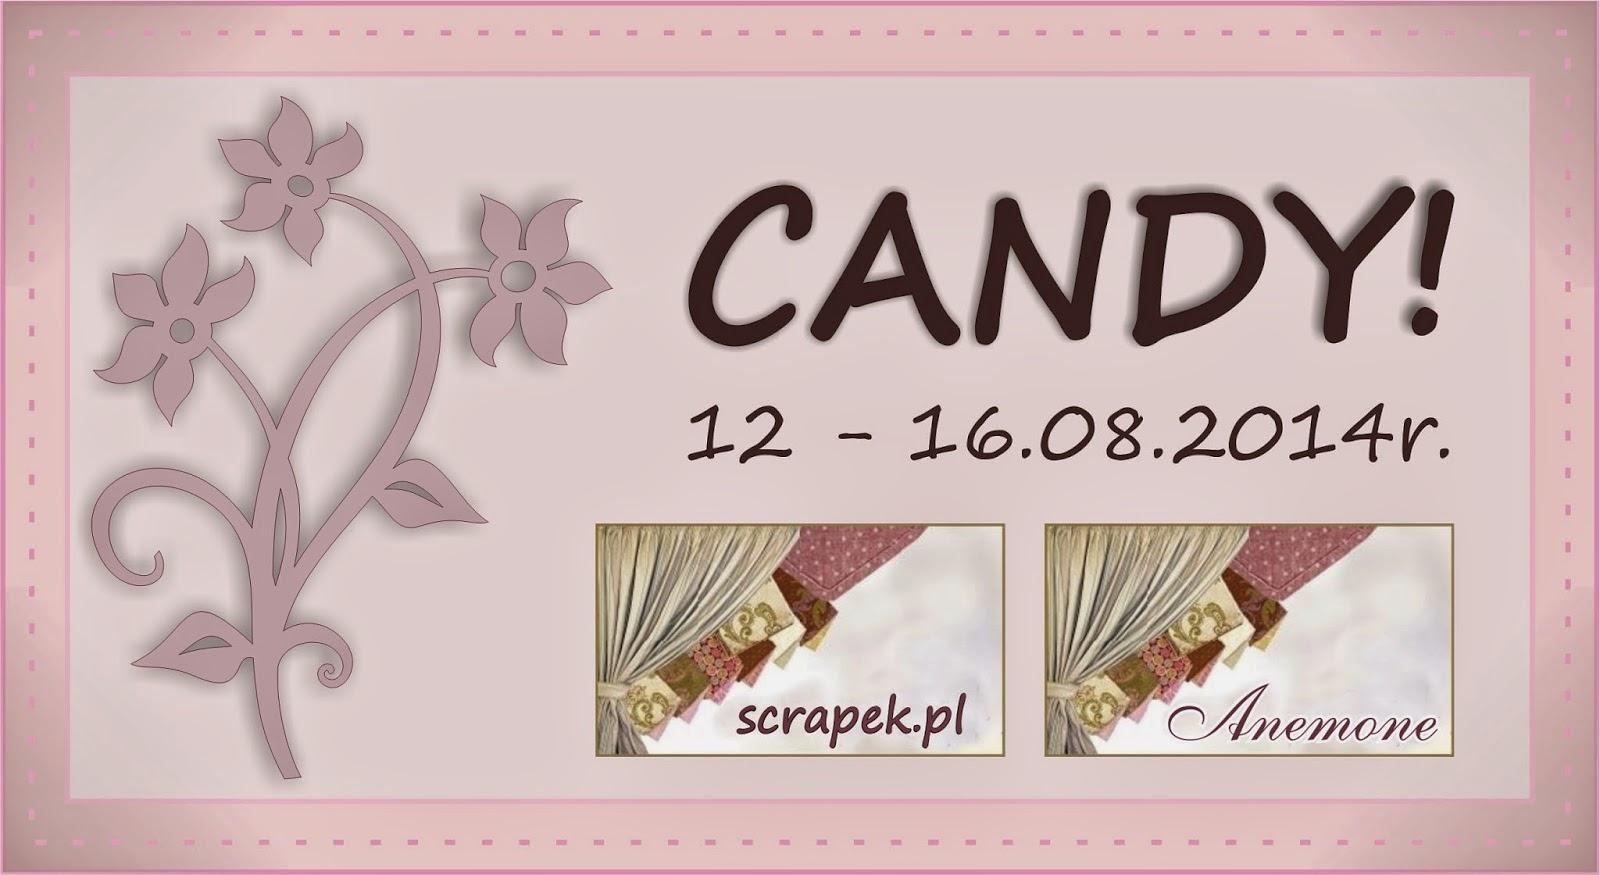 http://scrapek.blogspot.com/2014/08/candy.html